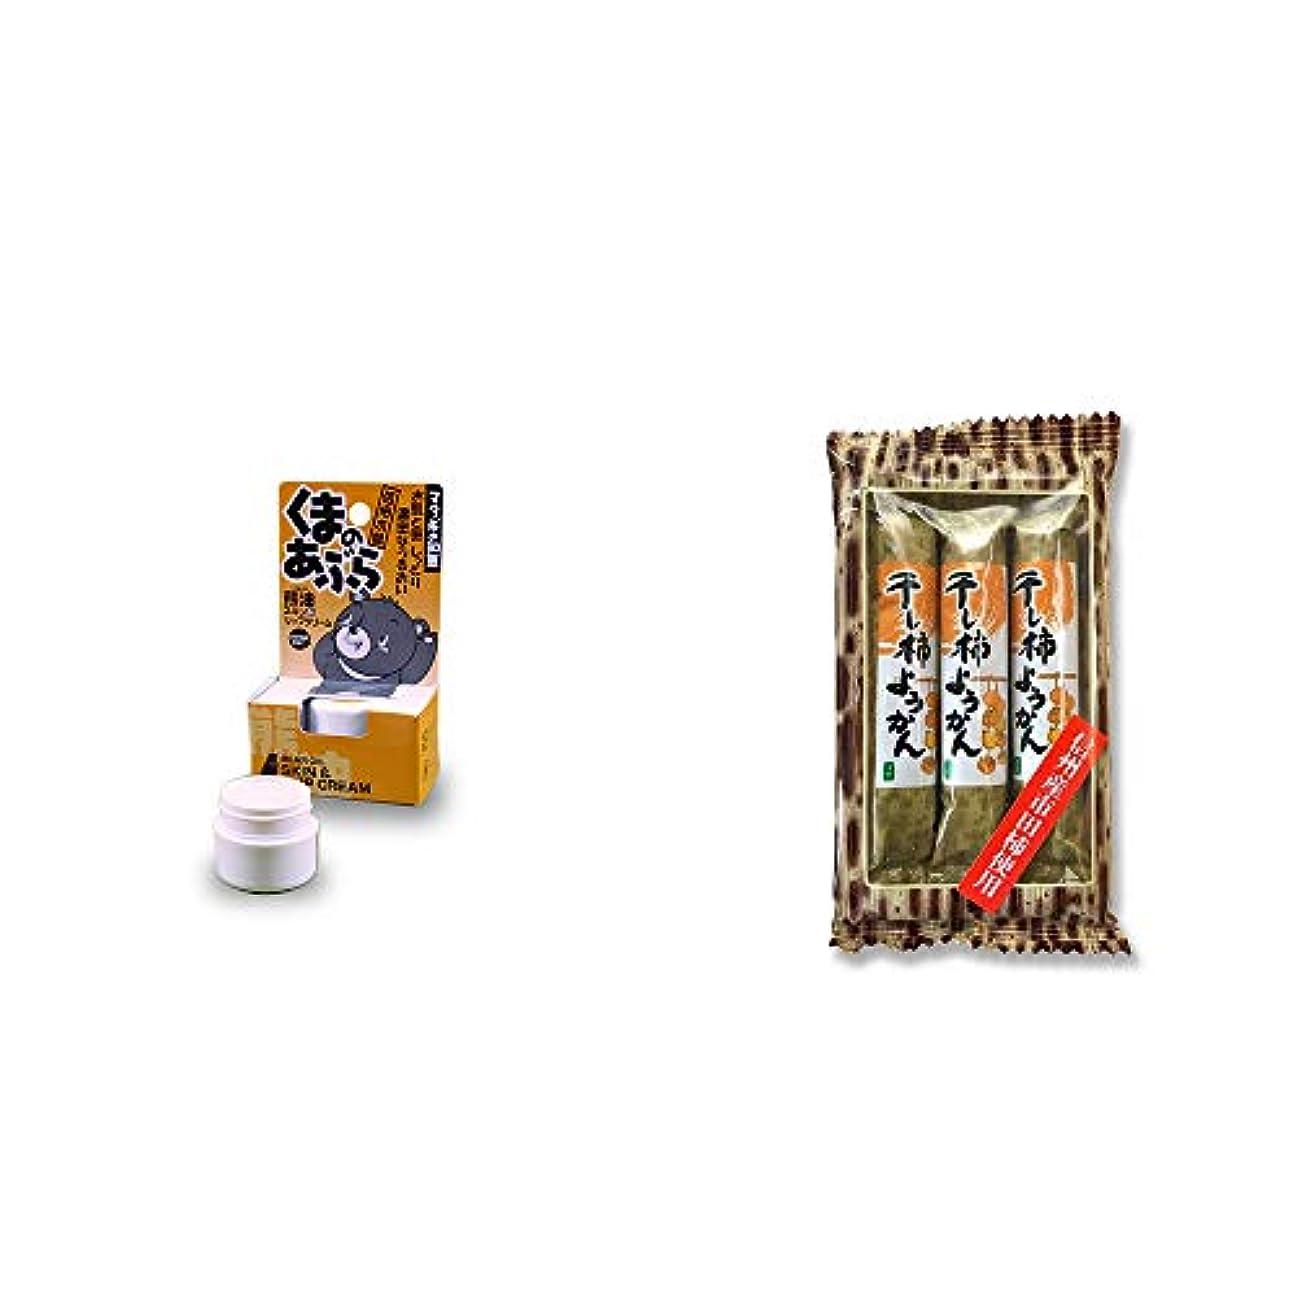 マウスピースうなずく持続的[2点セット] 信州木曽 くまのあぶら 熊油スキン&リップクリーム(9g)?信州産市田柿使用 スティックようかん[柿](50g×3本)